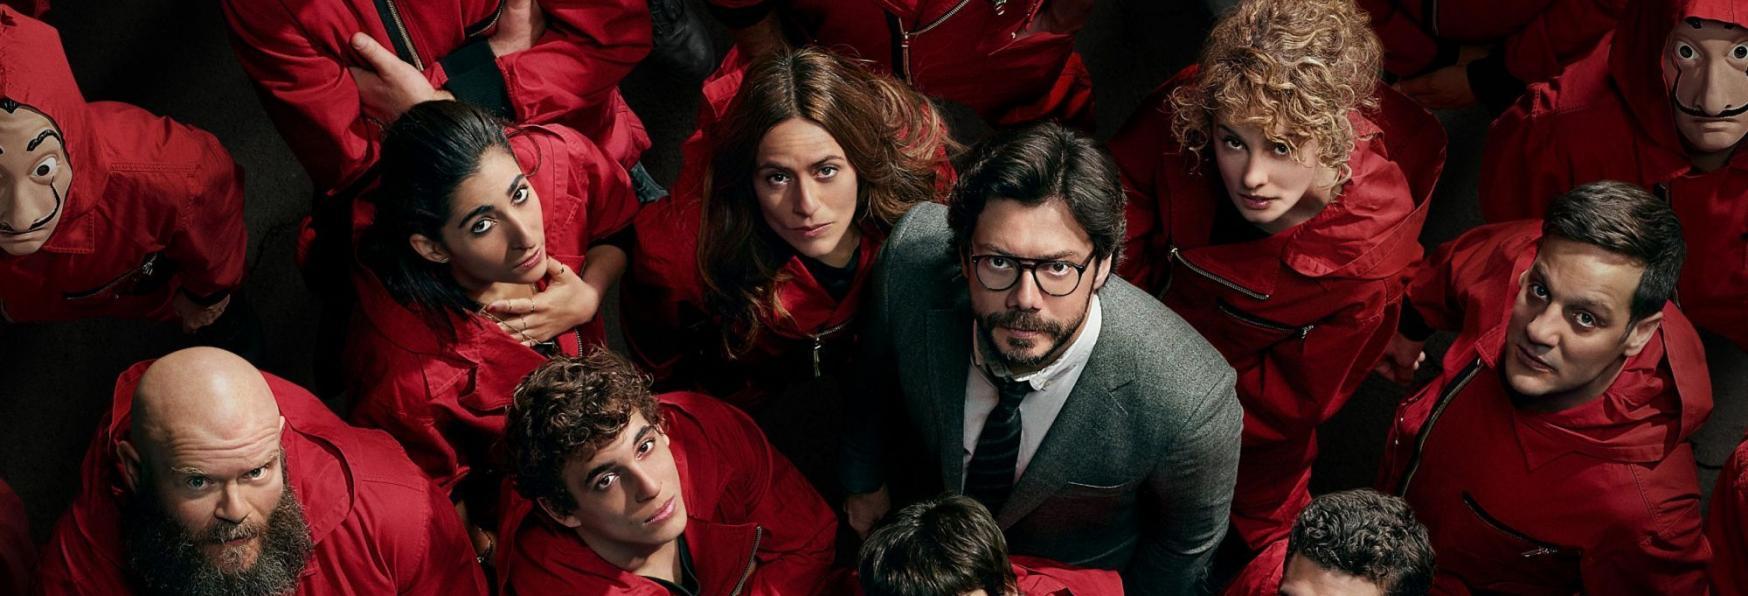 La Casa di Carta 5: un Ritorno Inaspettato nei nuovi Episodi della Serie TV Netflix